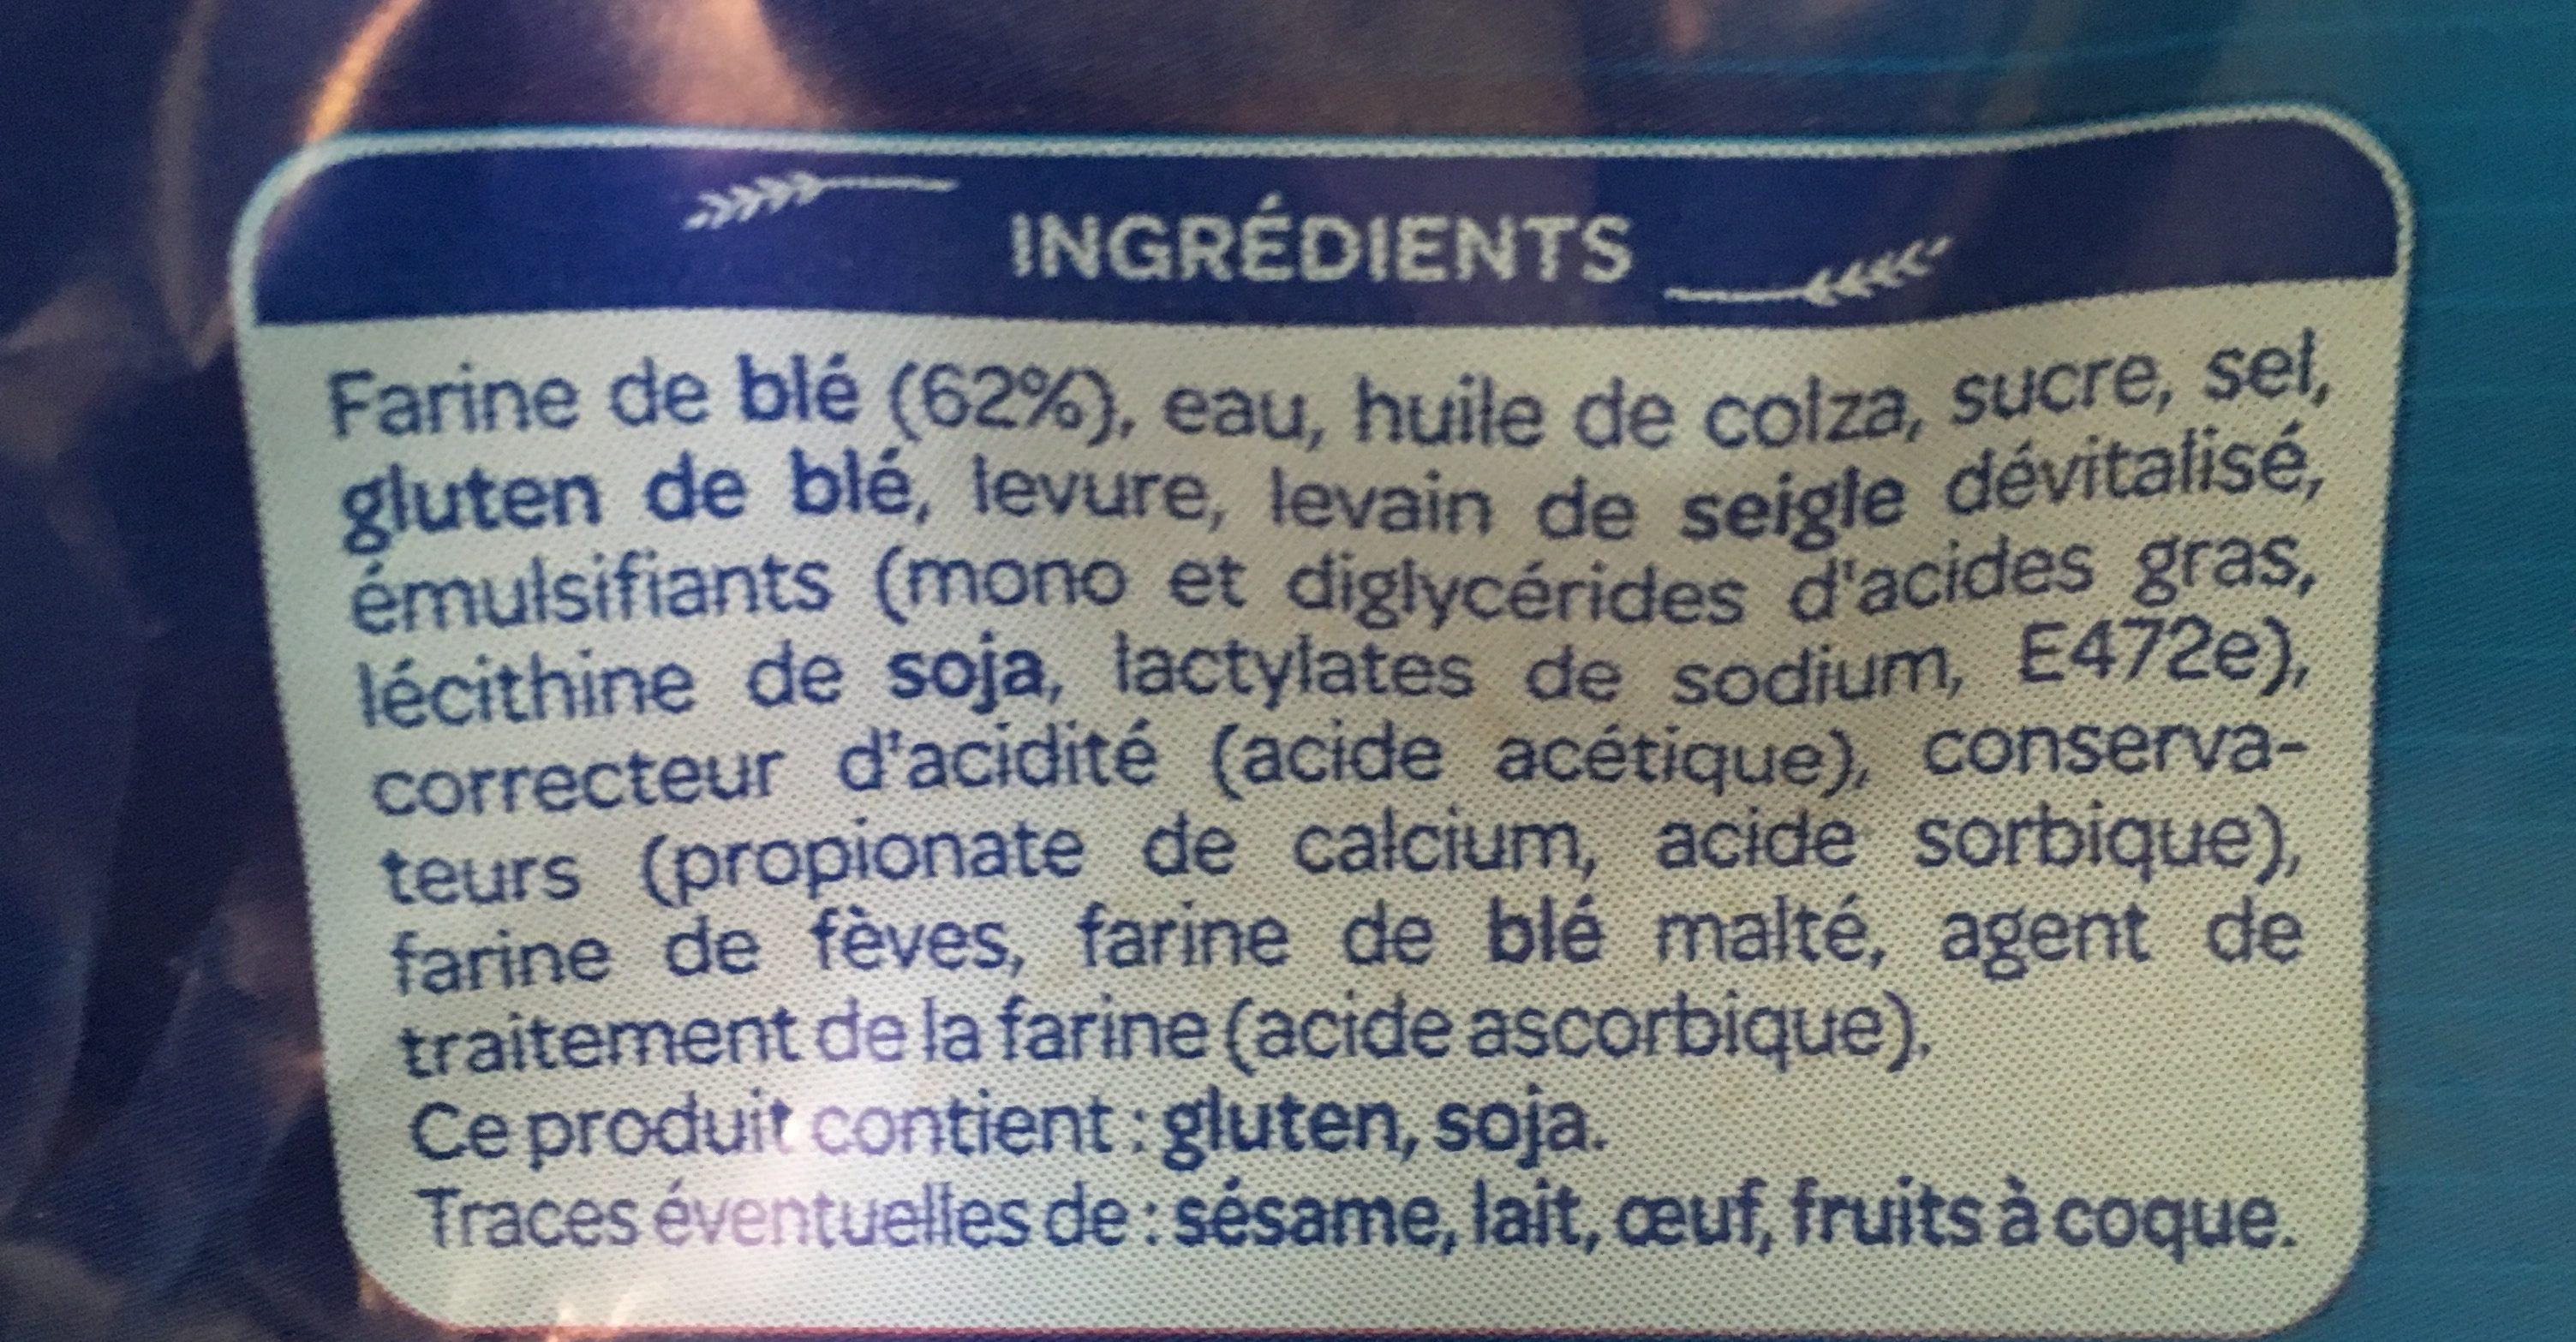 Le Carré Nature (maxi format) - Ingredients